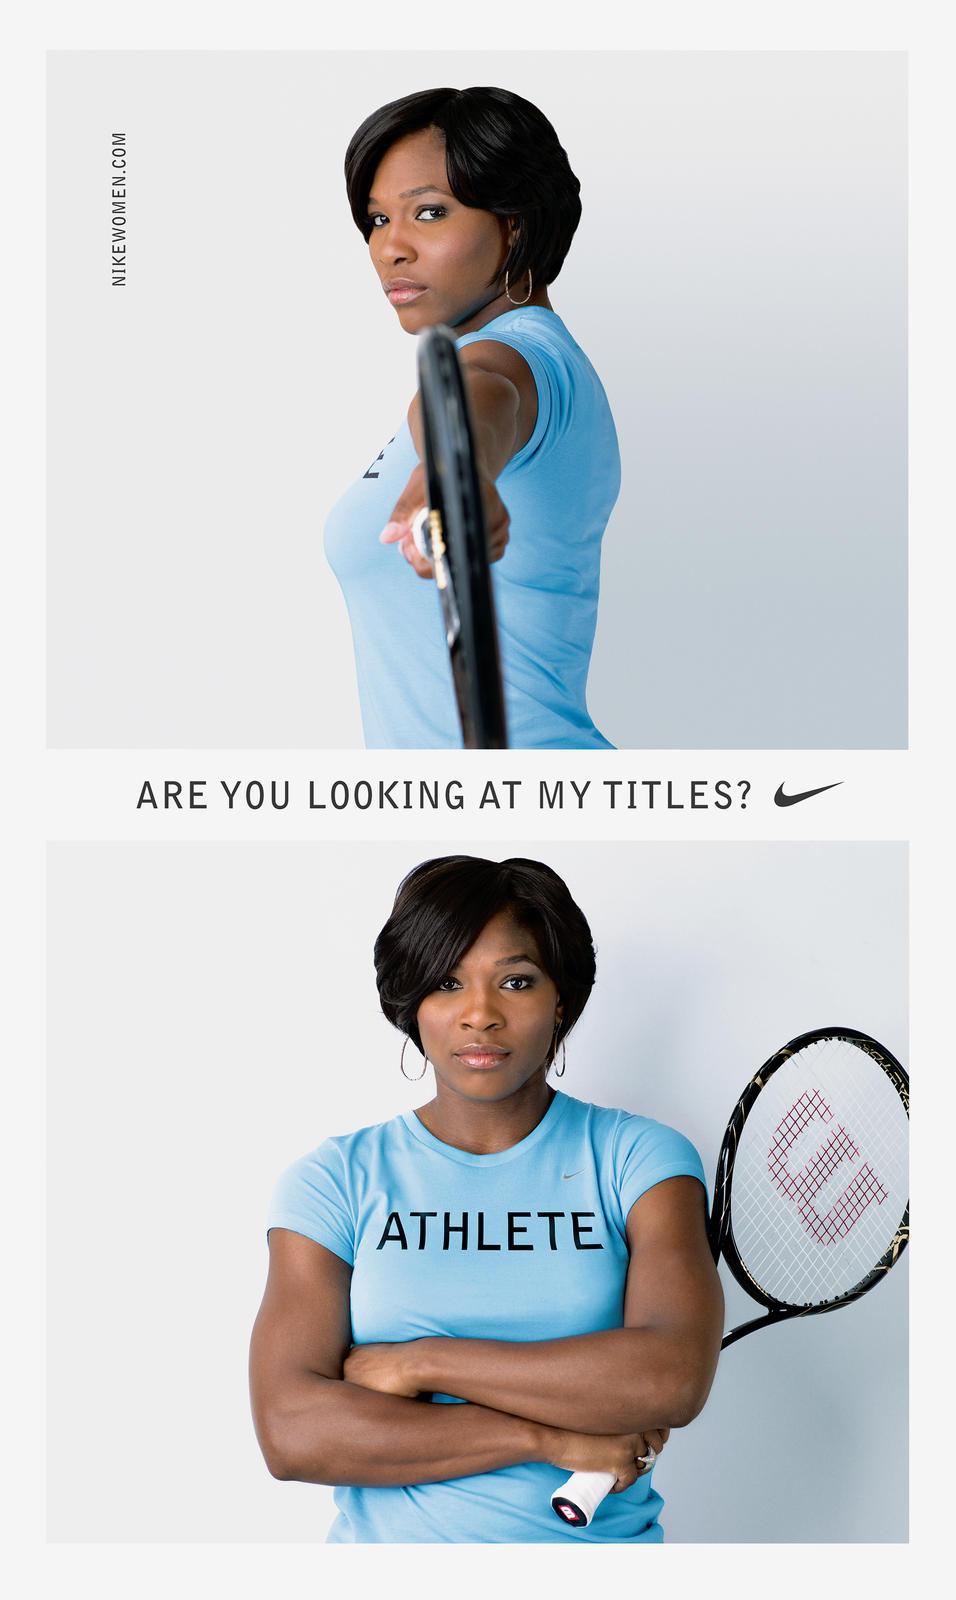 Athlete 2007 featuring Serena Williams